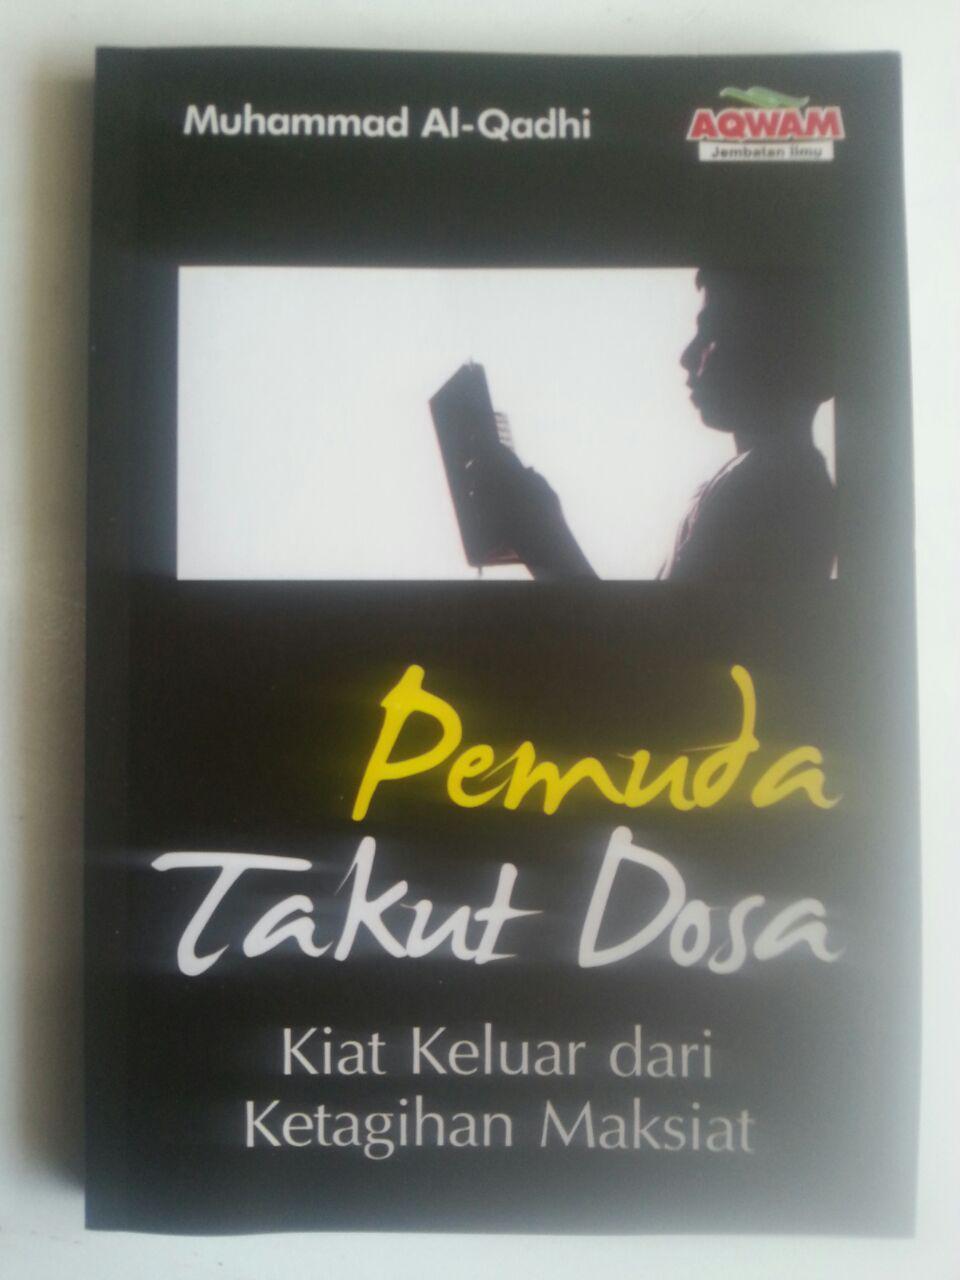 Buku Pemuda Takut Dosa Kiat Keluar Dari Ketagihan Maksiat cover 2